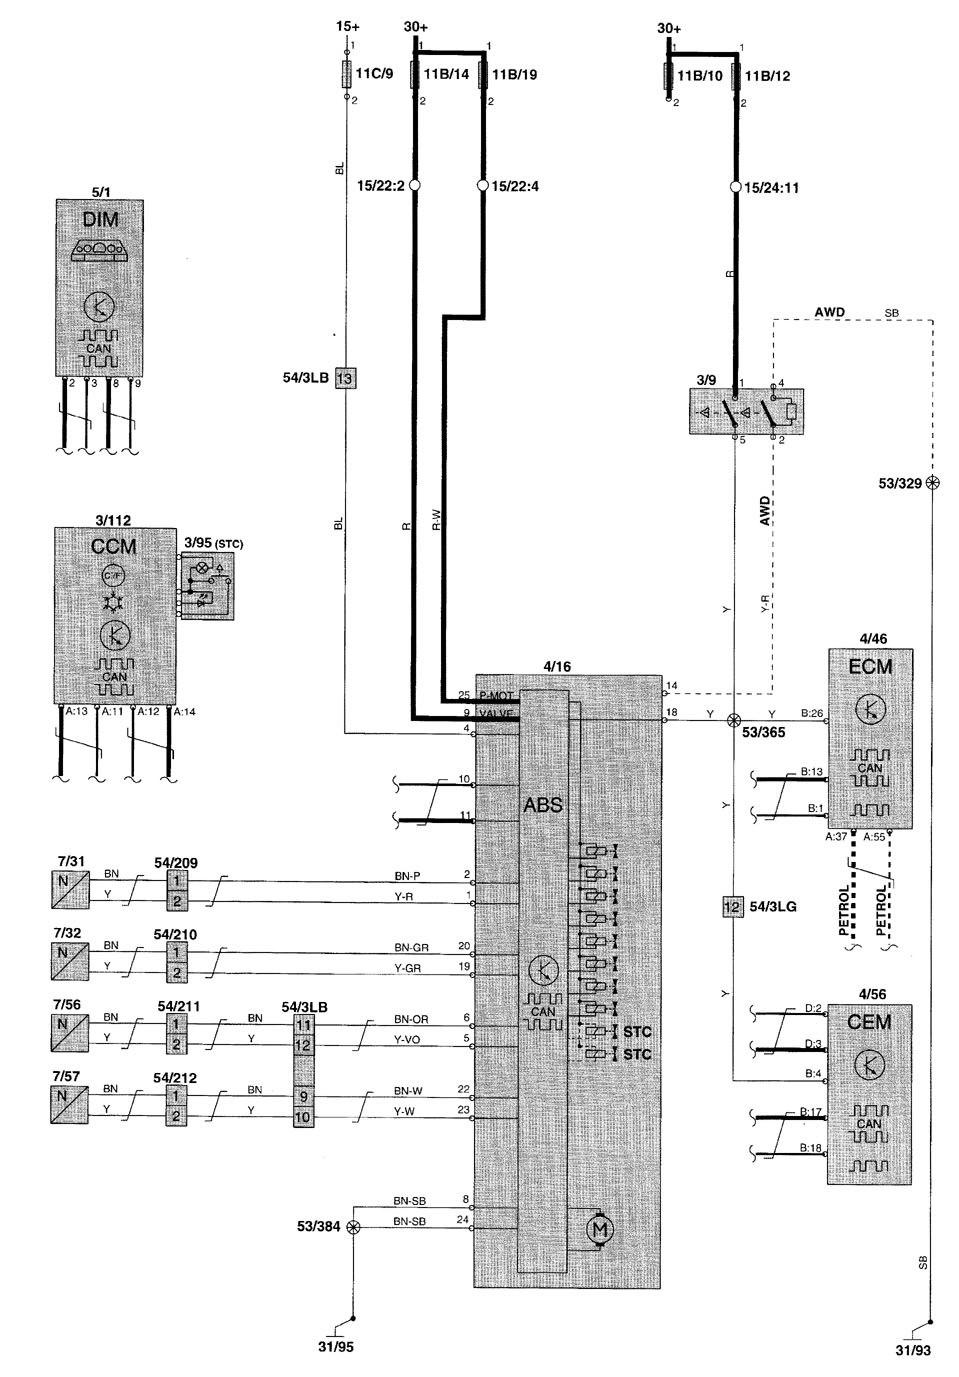 Volvo V70 2001 Wiring Diagrams Brake Controls: 2001 Volvo V70 Wiring Diagram At Ariaseda.org